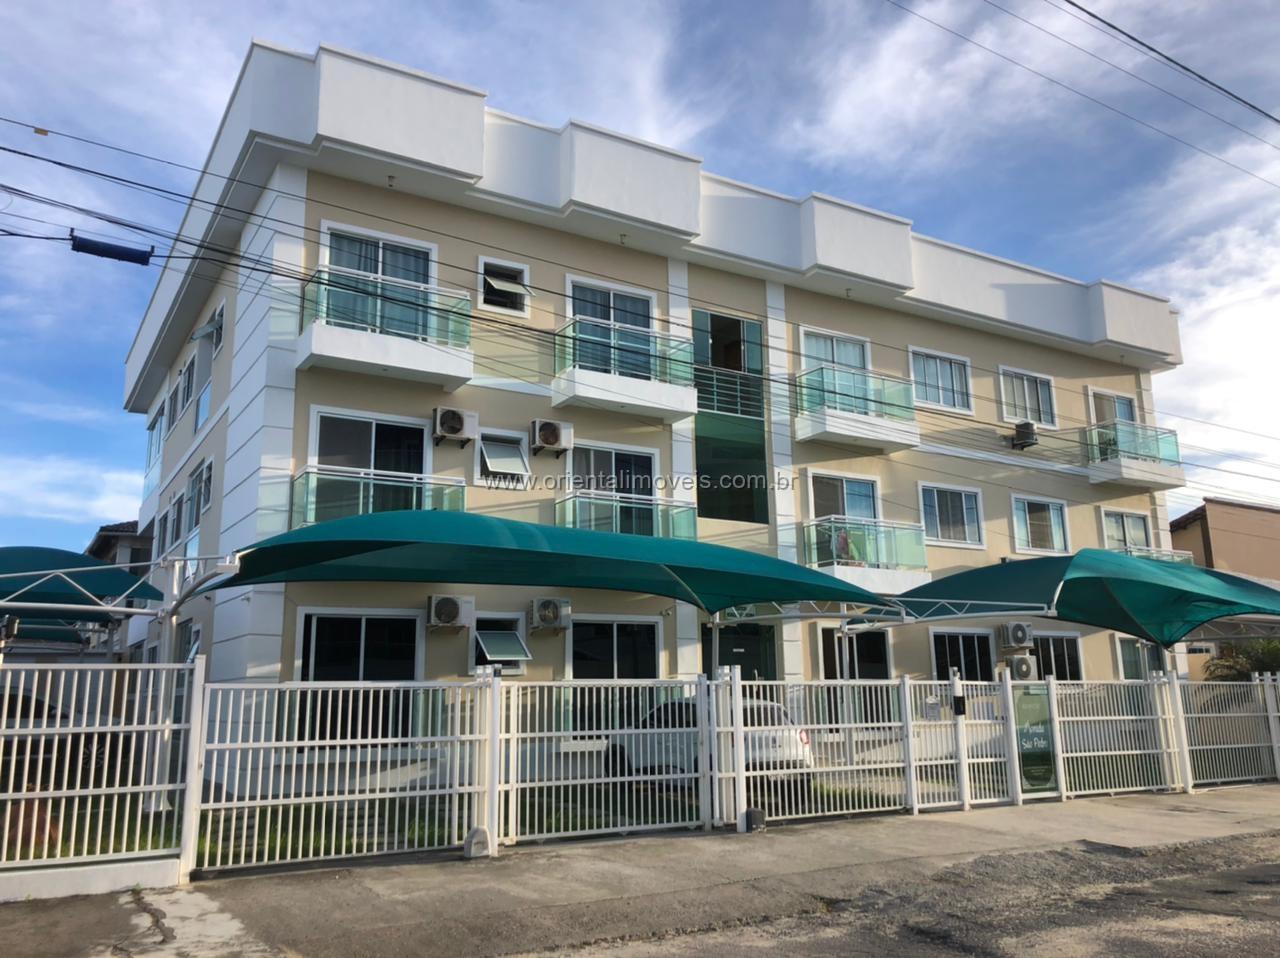 Vendo Apartamento No Bairro Nova São Pedro